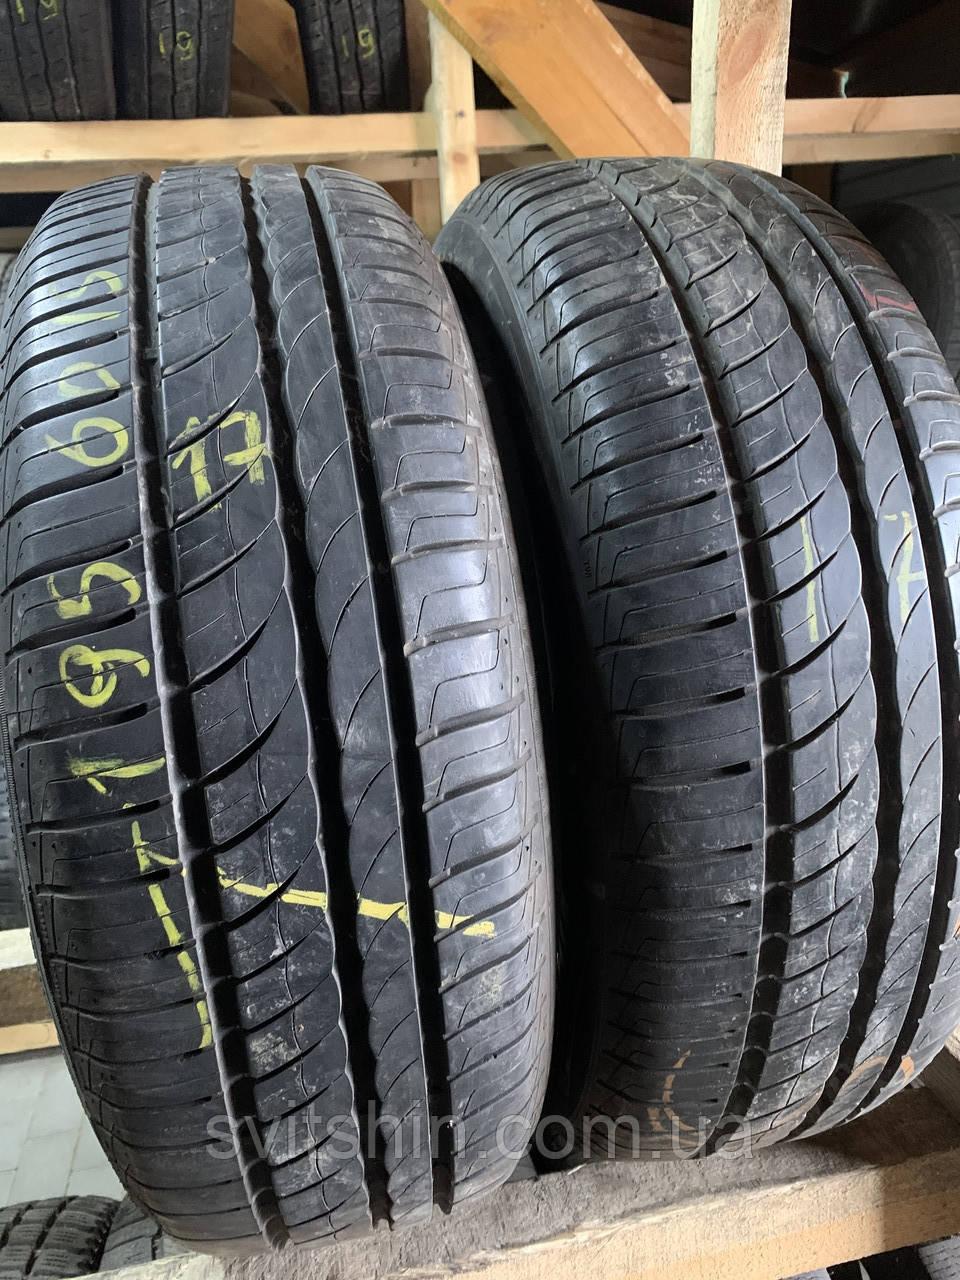 Літні шини 195/60R15 Pirelli Cinturato p7 verde 6.5мм 17рік